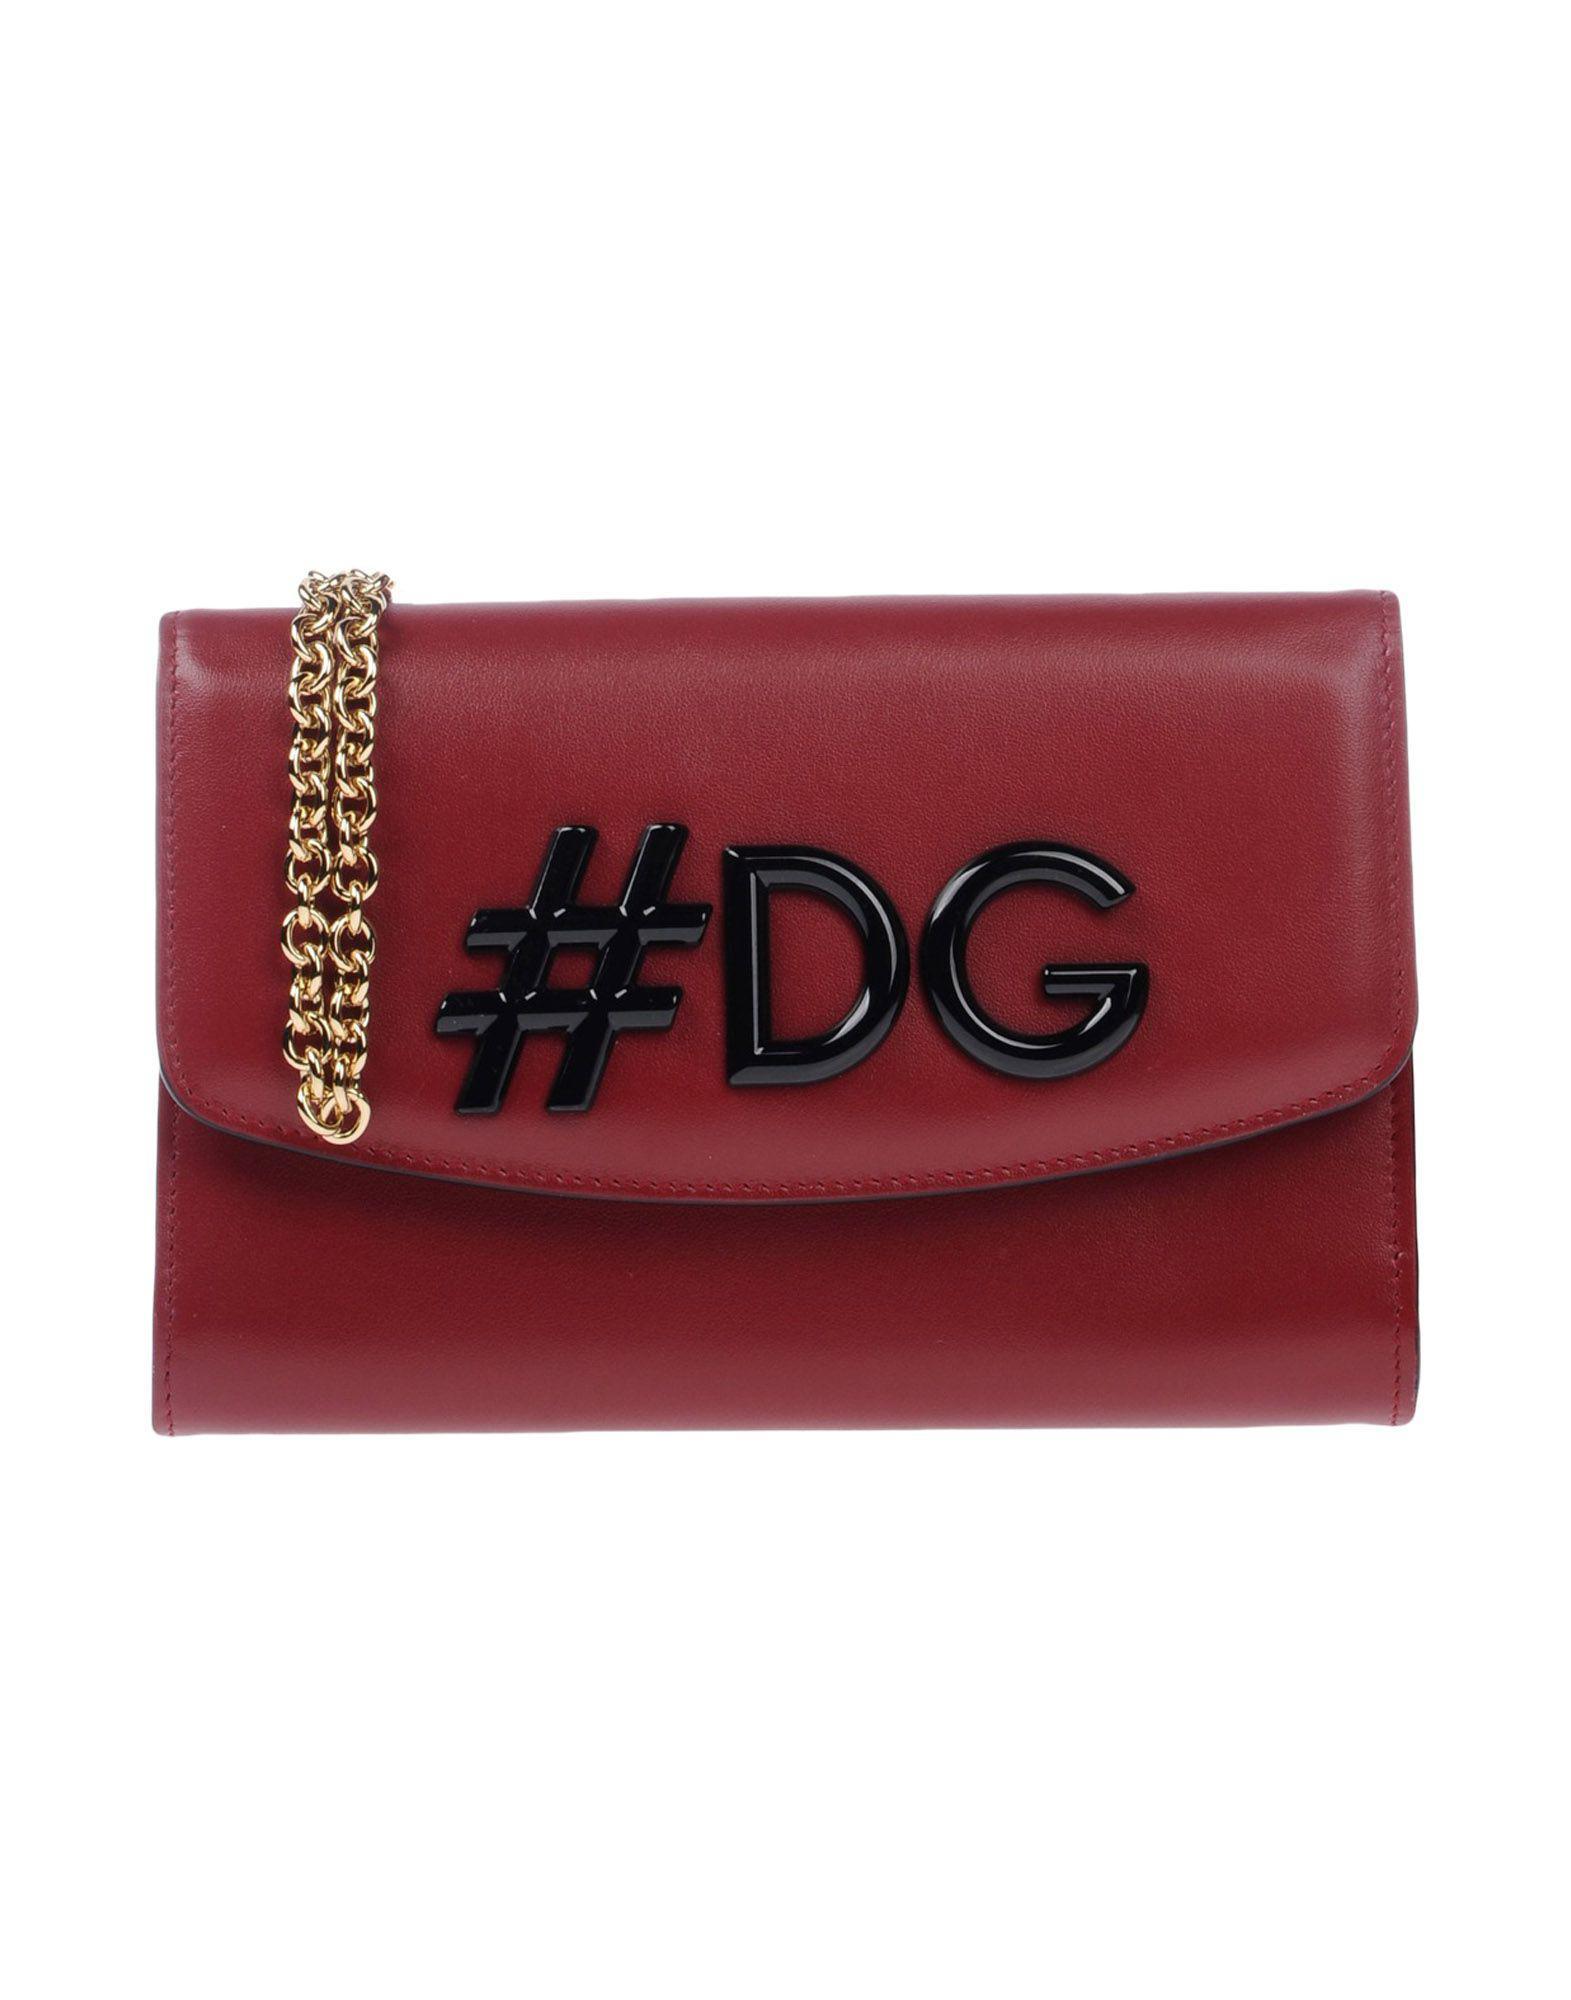 072905fbde98 Dolce   Gabbana. Women s Handbag